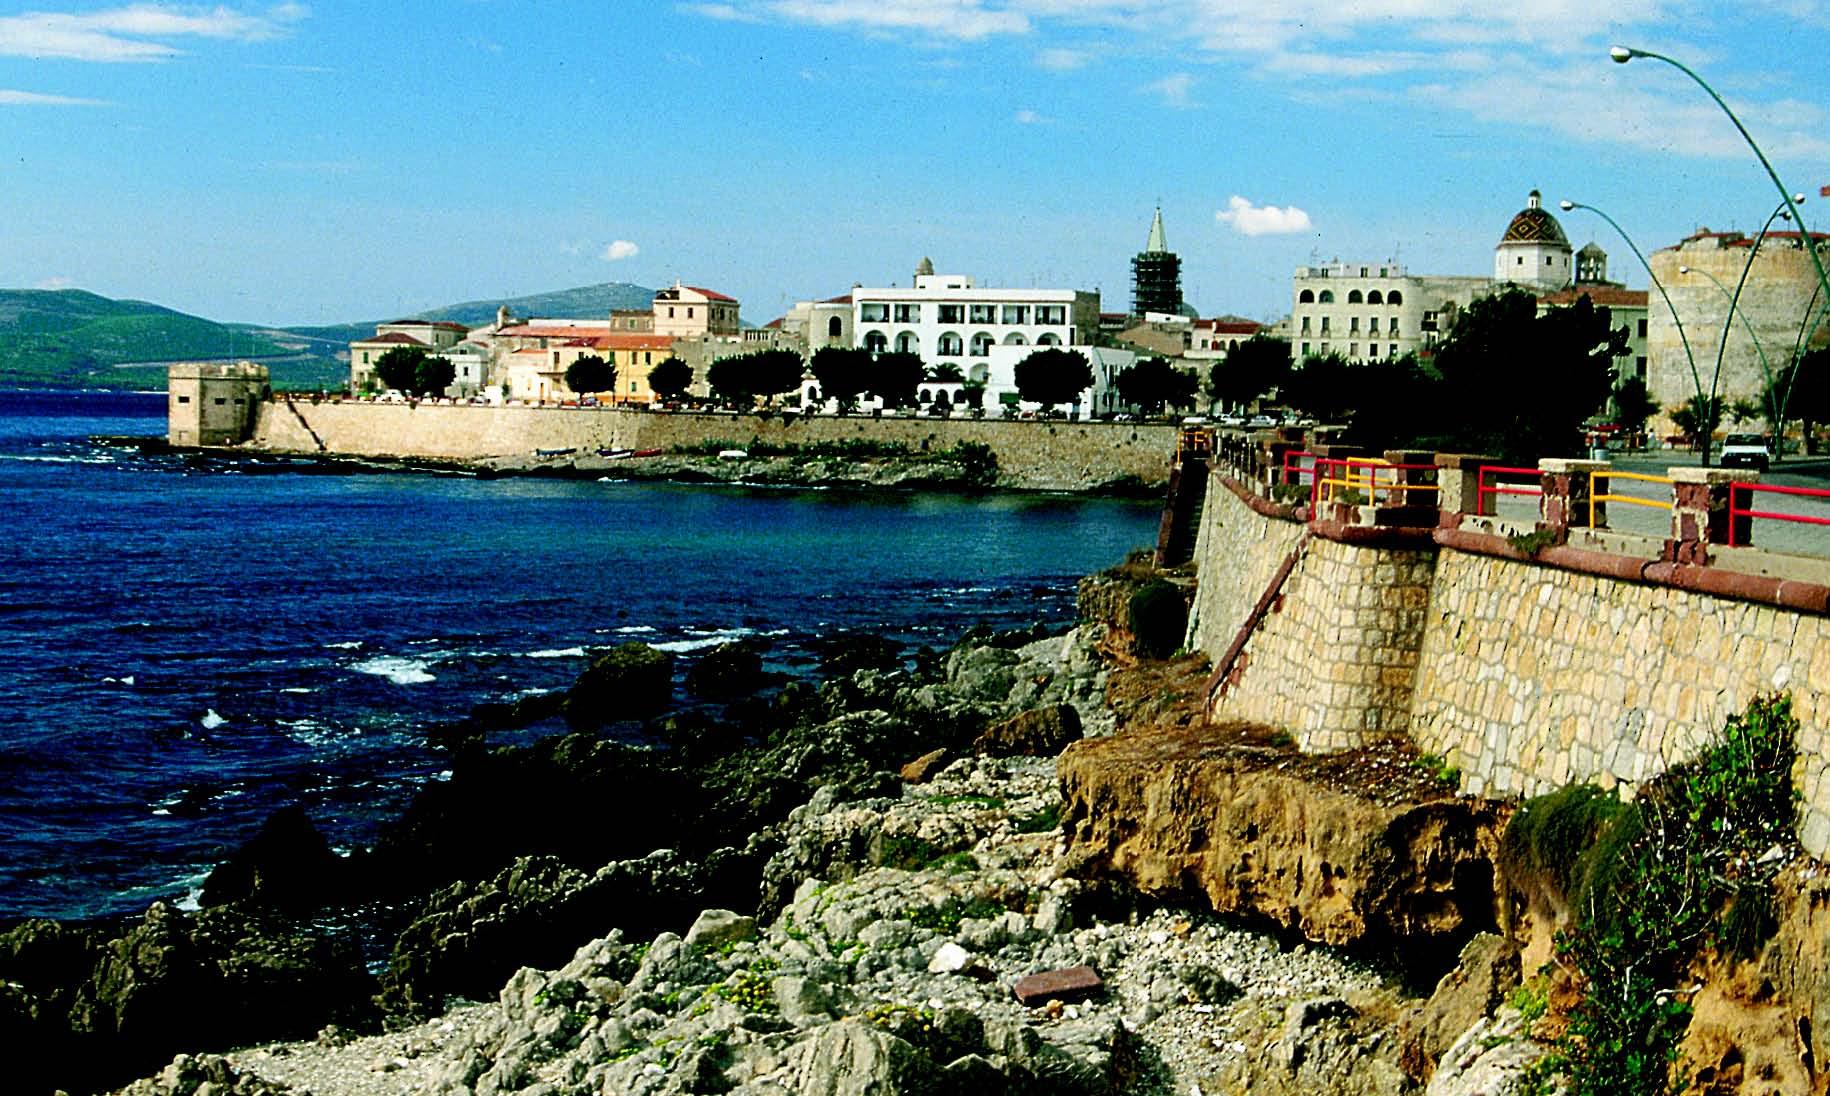 Alghero centro storico e del porto. Monumenti aperti ad Alghero 16 e 17 maggio 2015